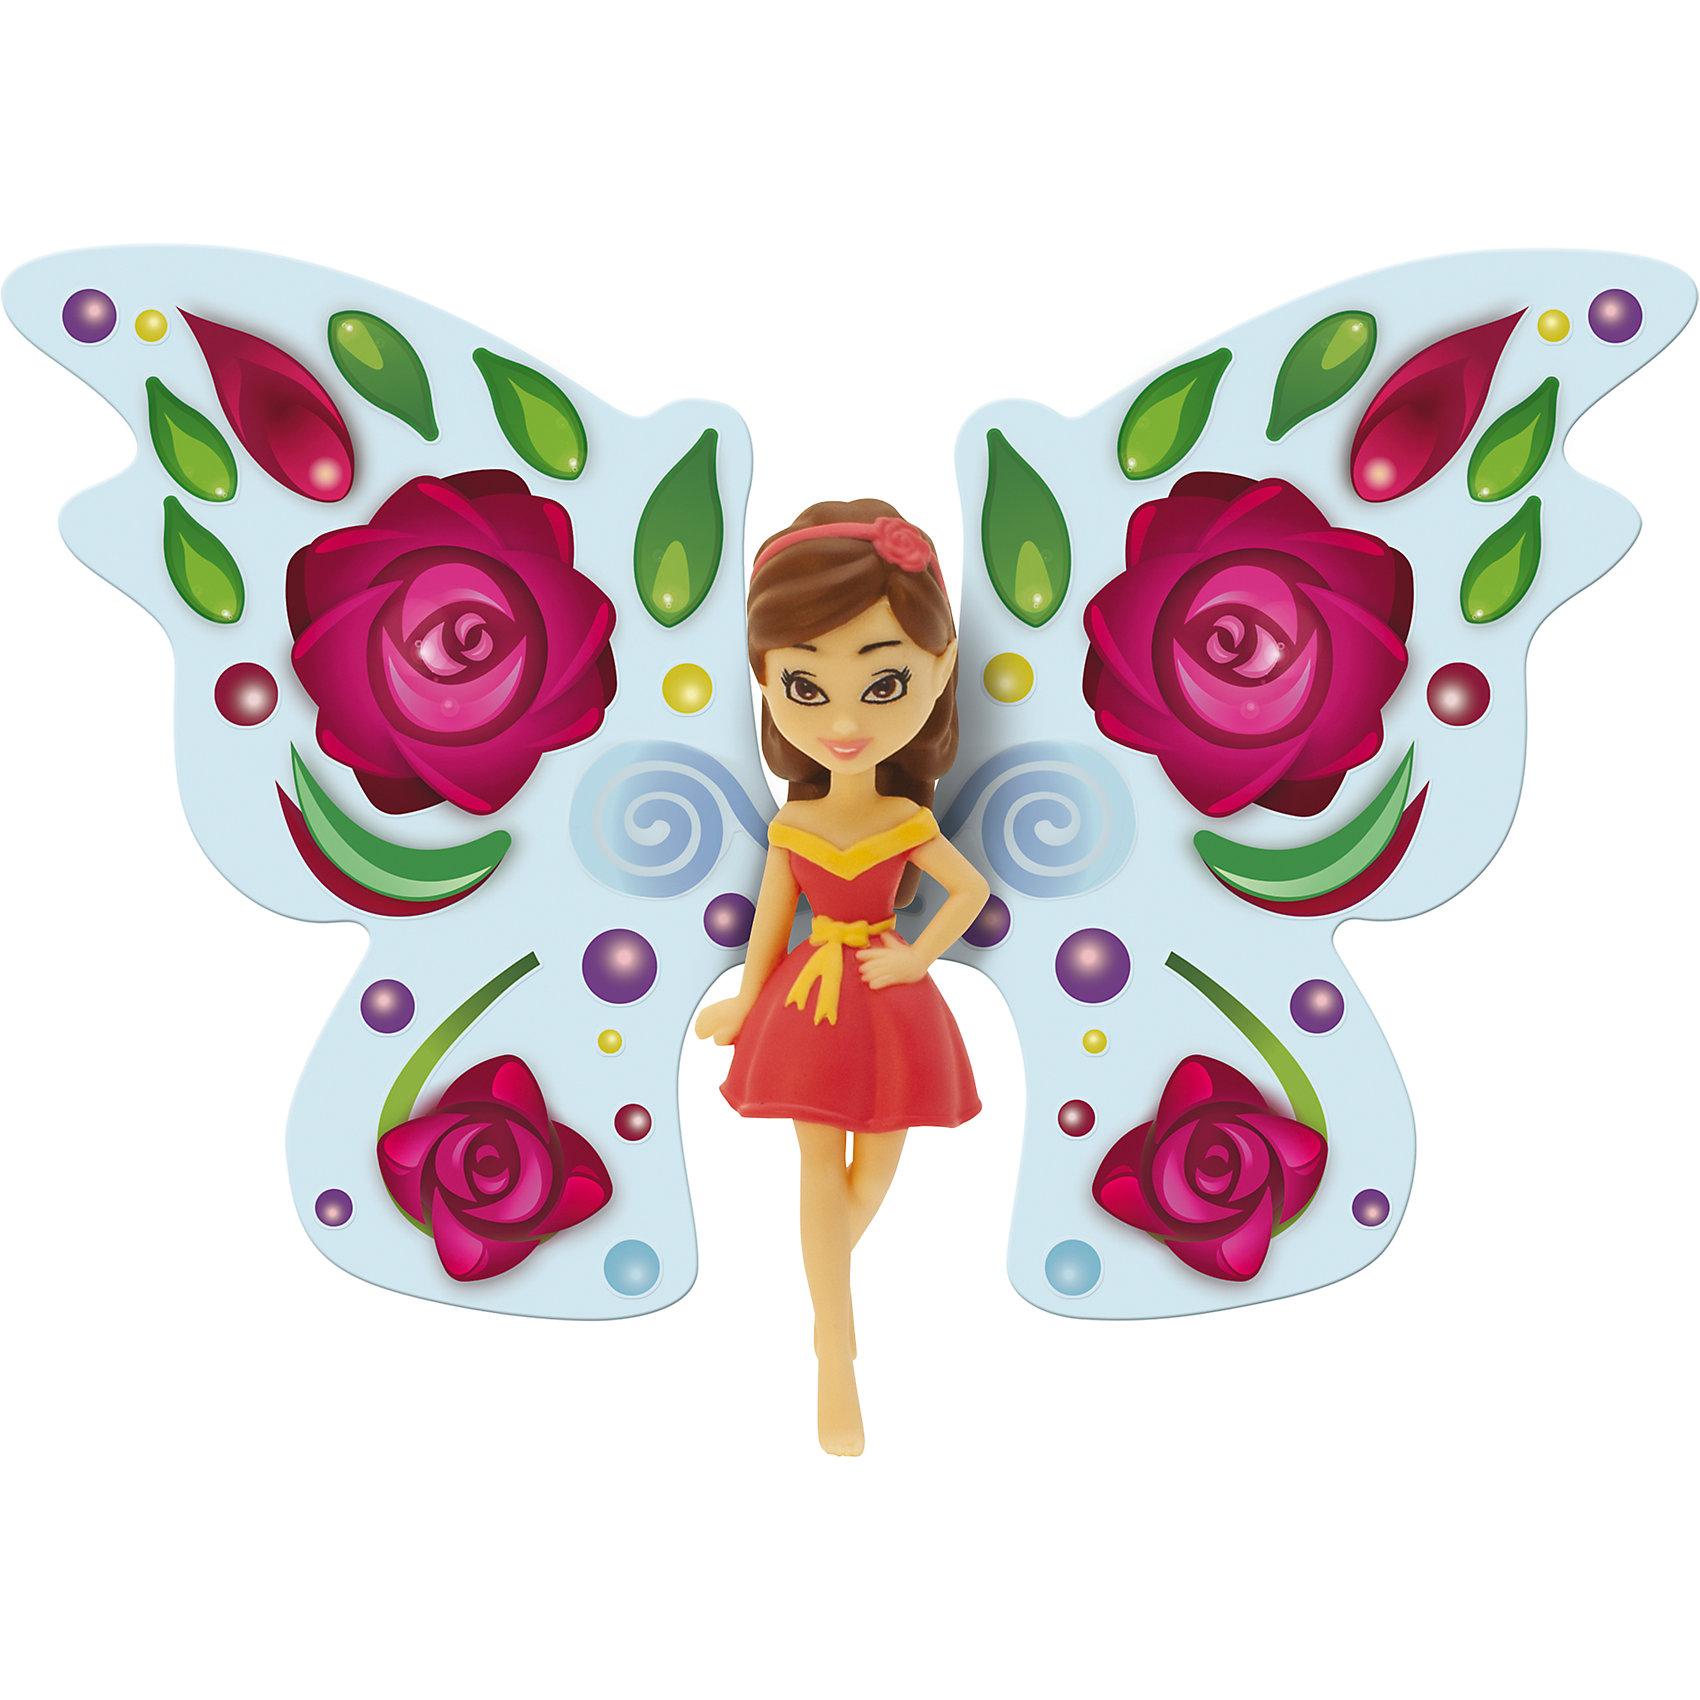 Игровой набор Волшебная дверь, Shimmer WingСюжетно-ролевые игры<br>Собирай фей и питомцев, декорируй им крылья различными способами, и любуйся!<br>Волшебная дверь, эксклюзивная фея, крылья, надор для декорирования<br><br>Ширина мм: 110<br>Глубина мм: 270<br>Высота мм: 210<br>Вес г: 562<br>Возраст от месяцев: 60<br>Возраст до месяцев: 2147483647<br>Пол: Женский<br>Возраст: Детский<br>SKU: 5478835